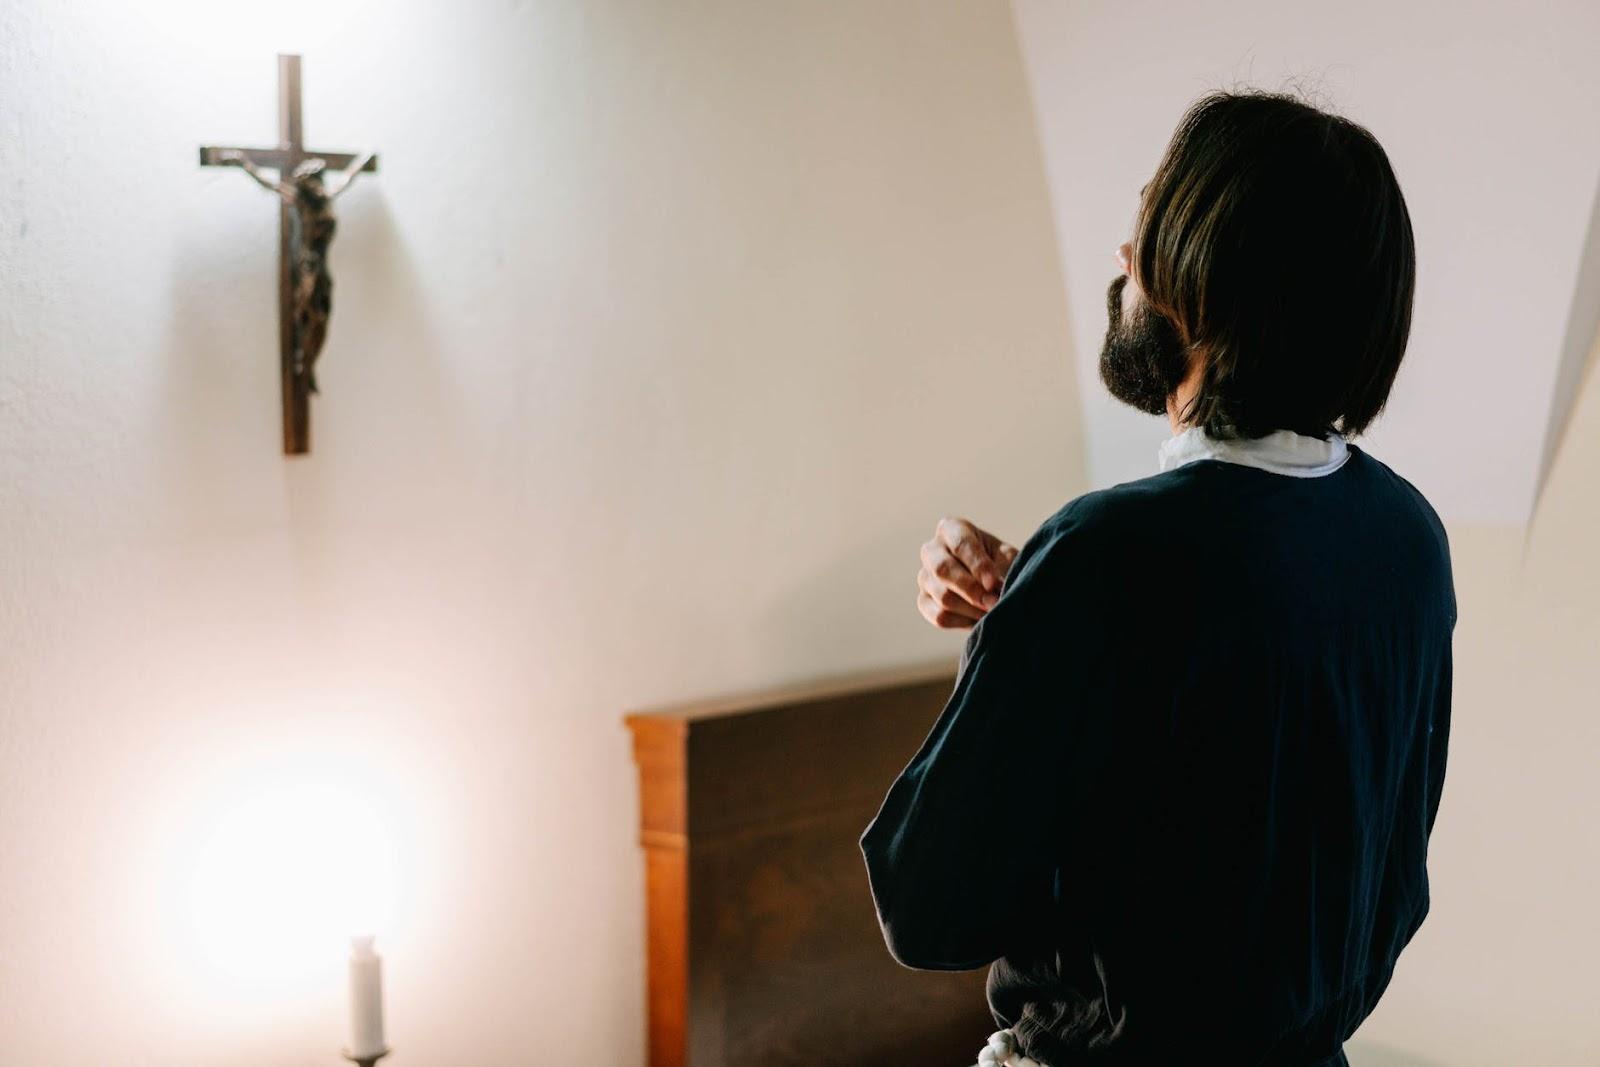 Man praying in front of crucifix